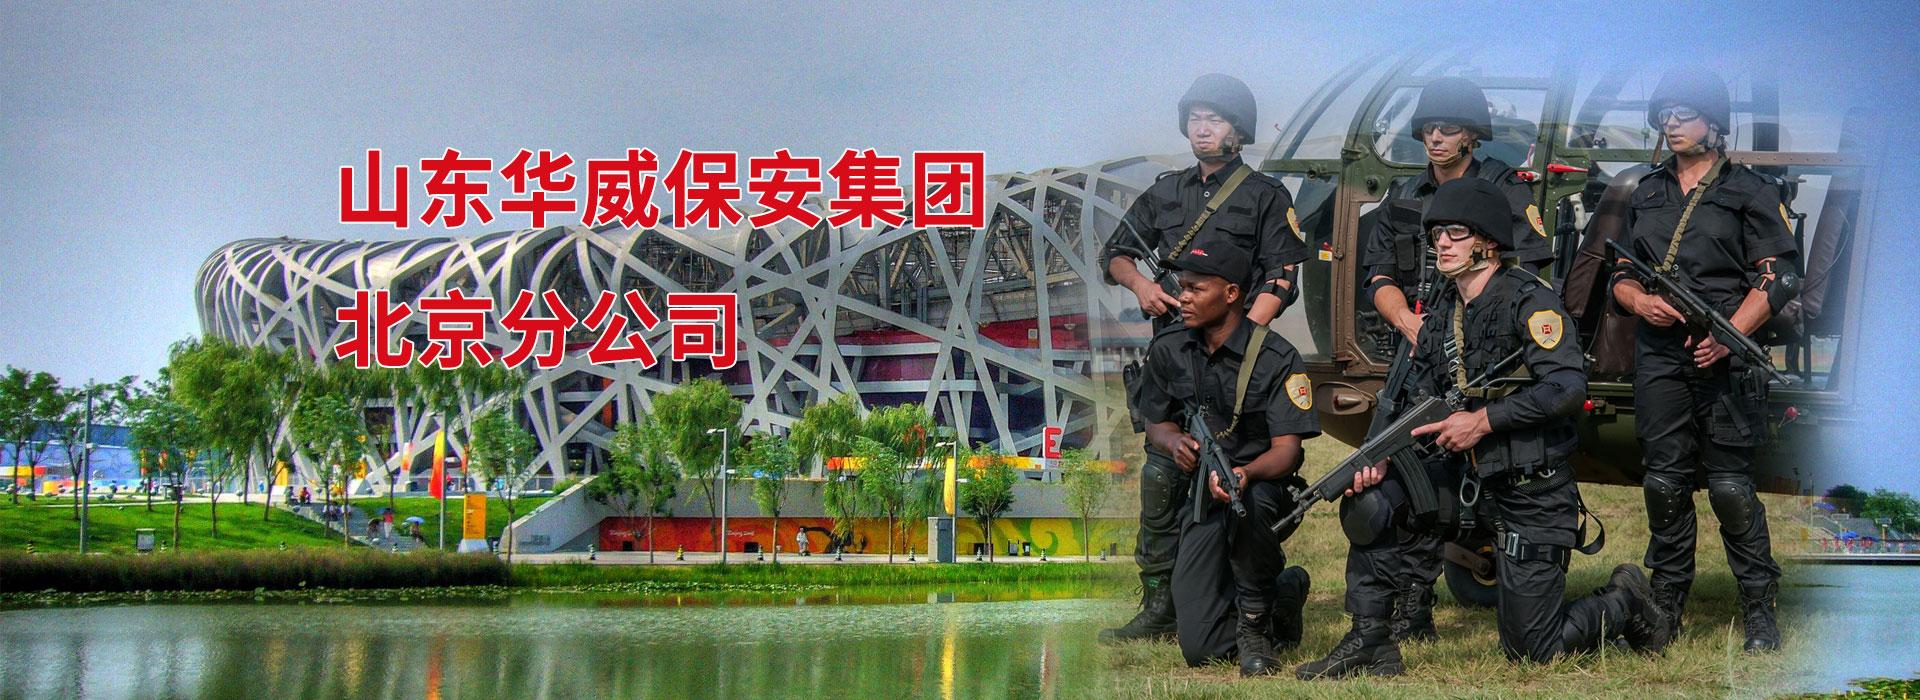 华威保安集团北京分公司